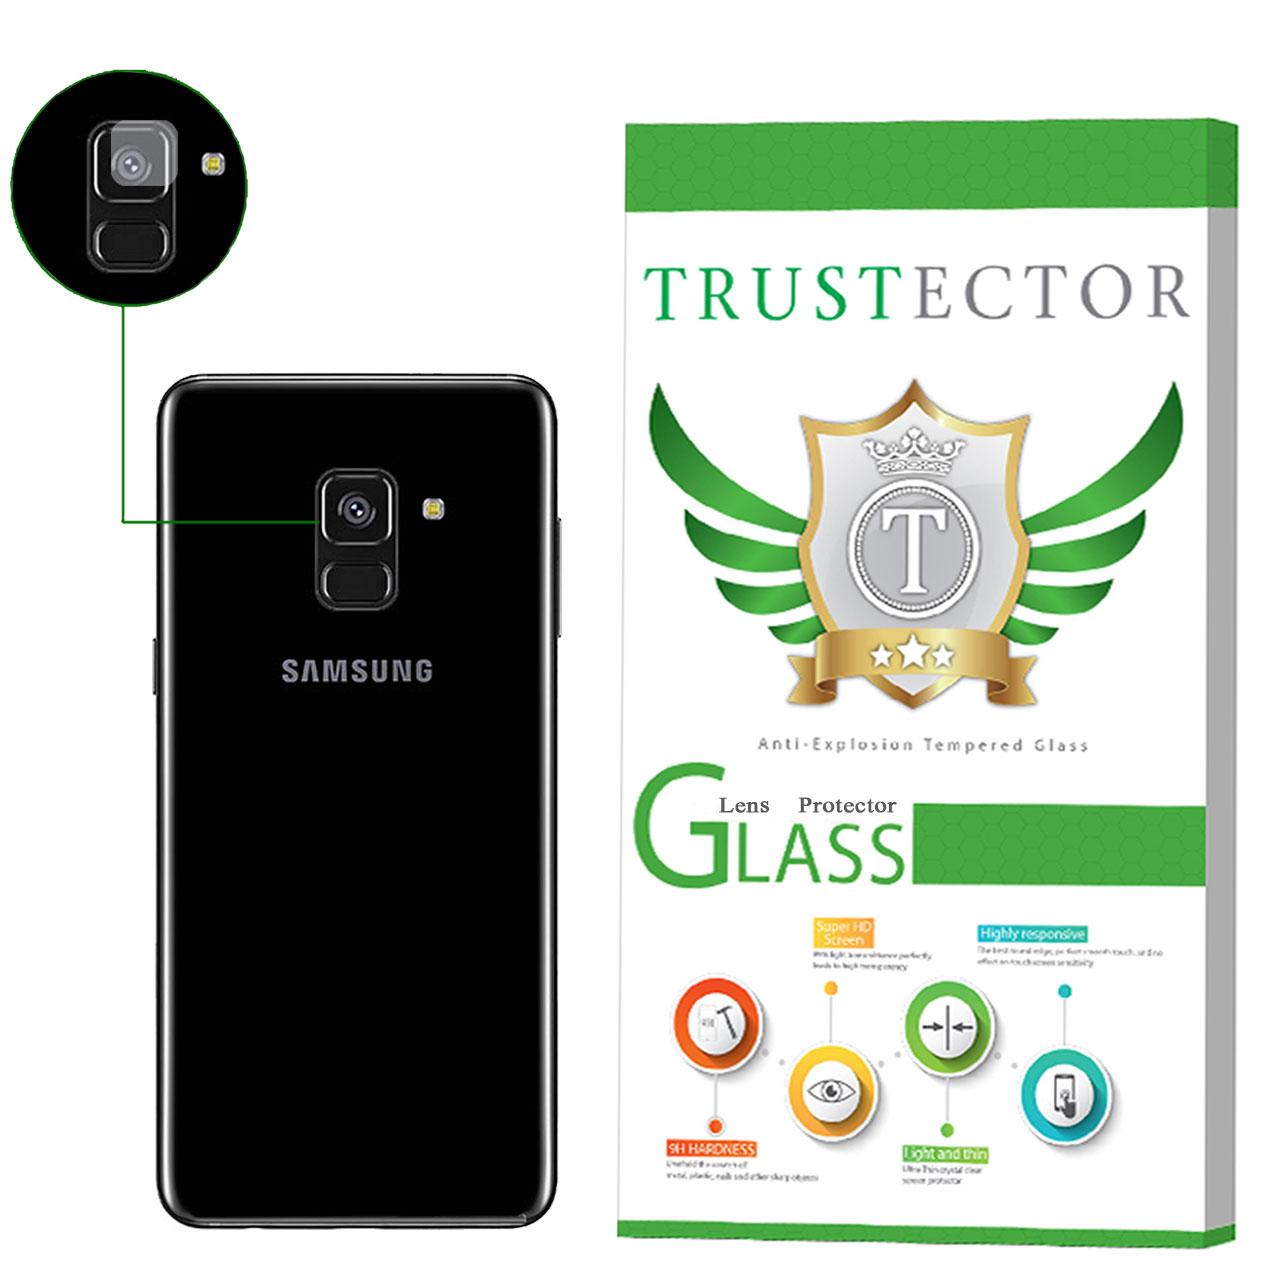 محافظ لنز دوربین تراستکتور مدل CLP مناسب برای گوشی موبایل سامسونگ Galaxy A8 2018